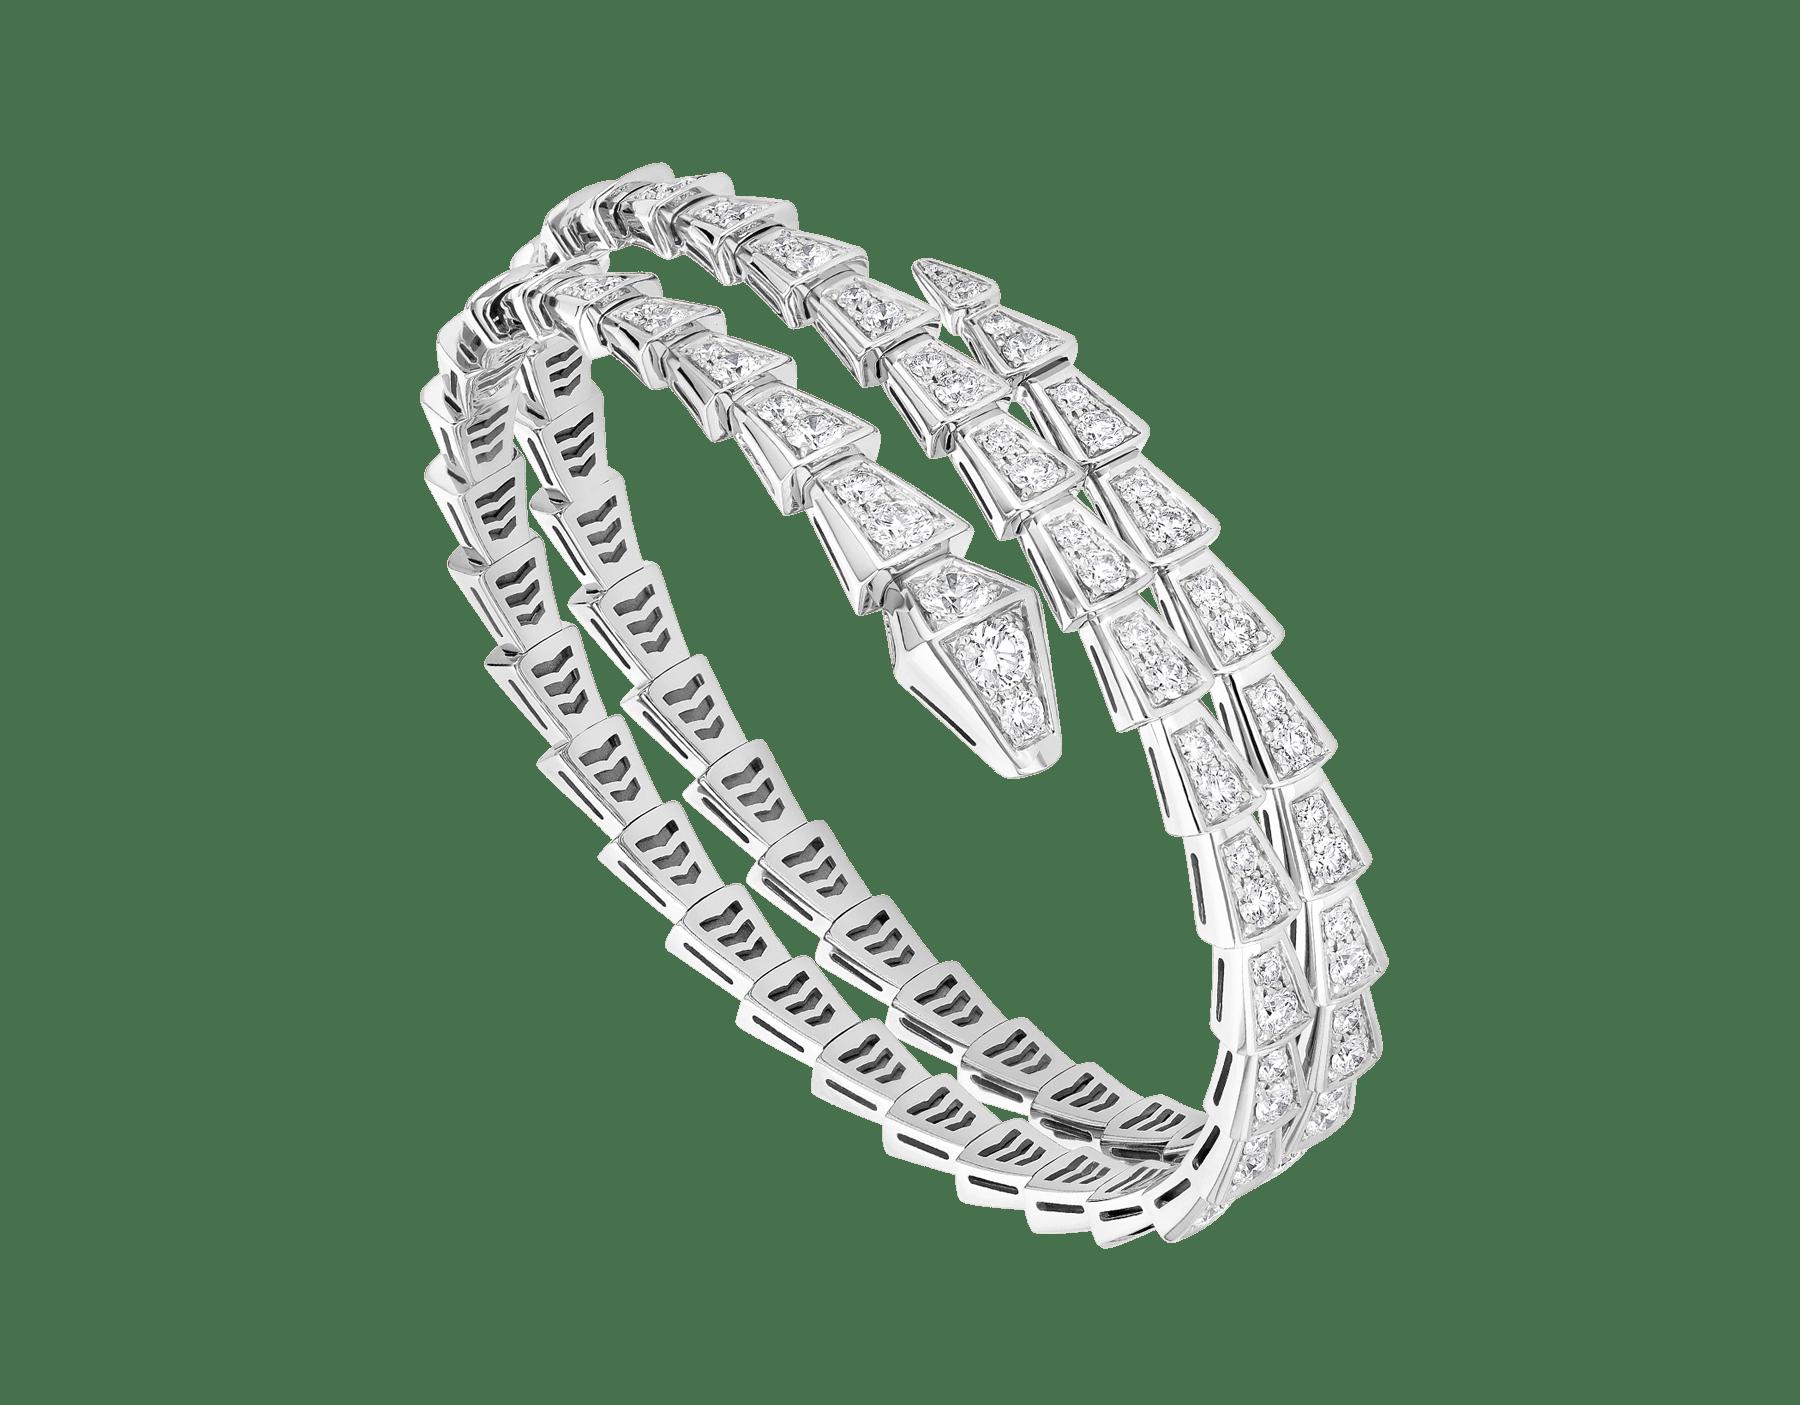 Bracelet deux tours Serpenti Viper en or blanc 18K avec pavé diamants BR858795 image 1